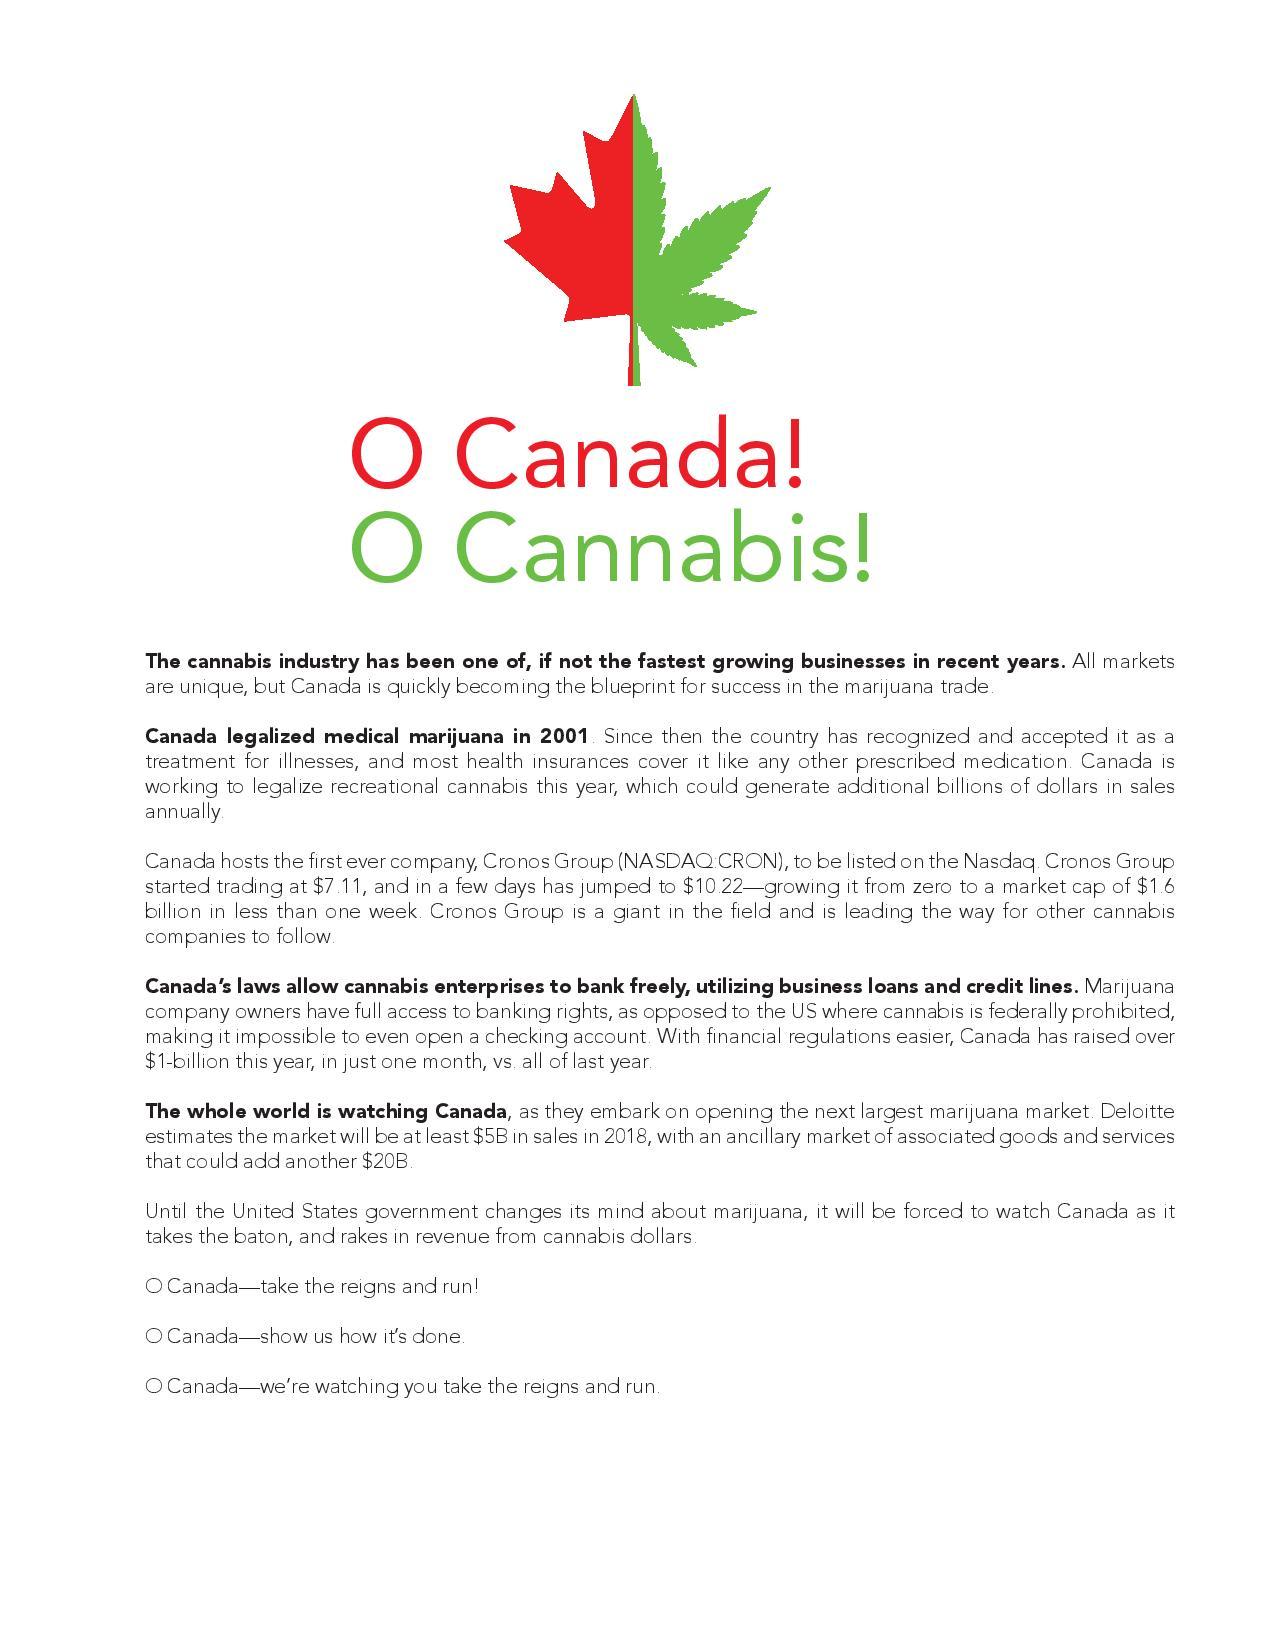 O Canada - O Cannabis - Cannabis Packaging